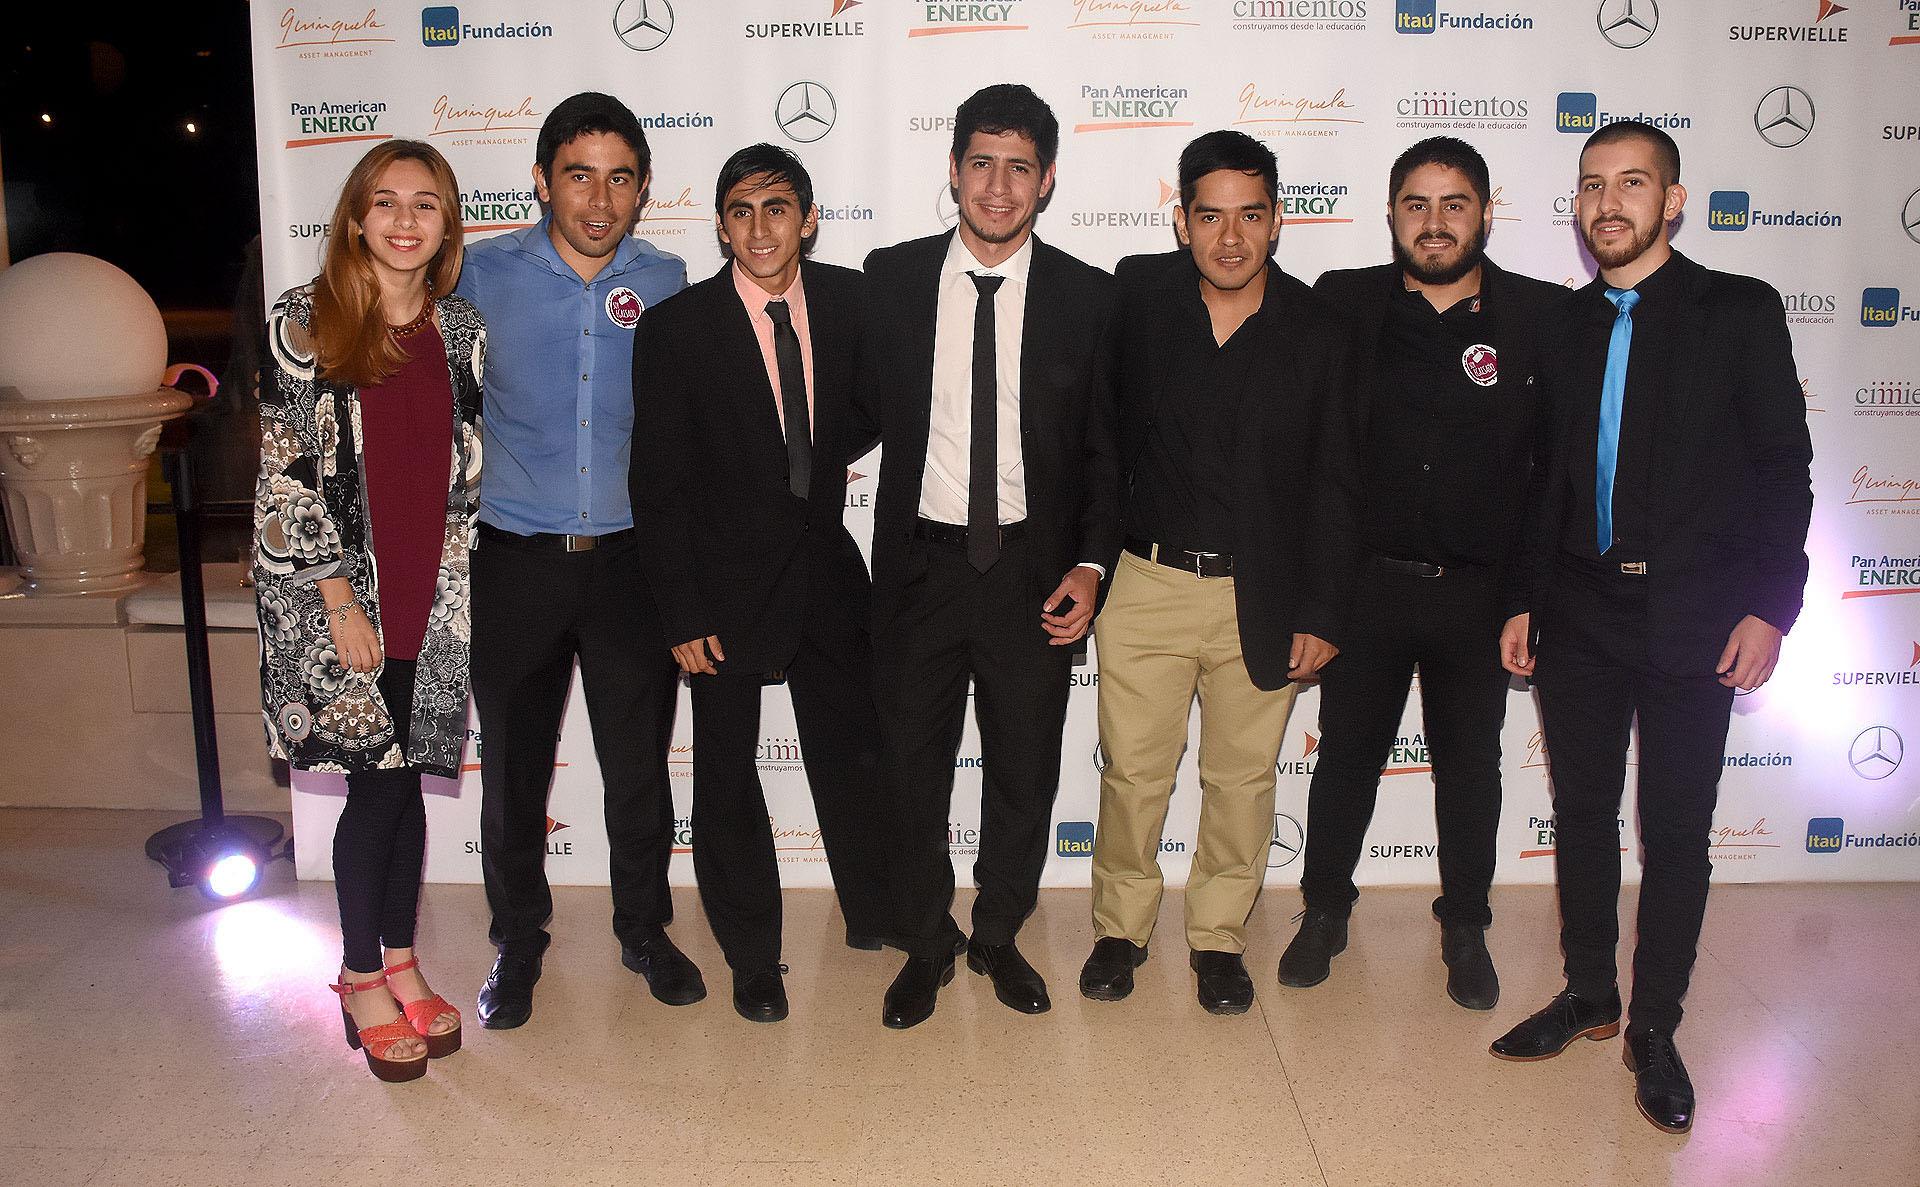 Grupo de jóvenes becados por el programa educativo implementado por la organización Cimientos